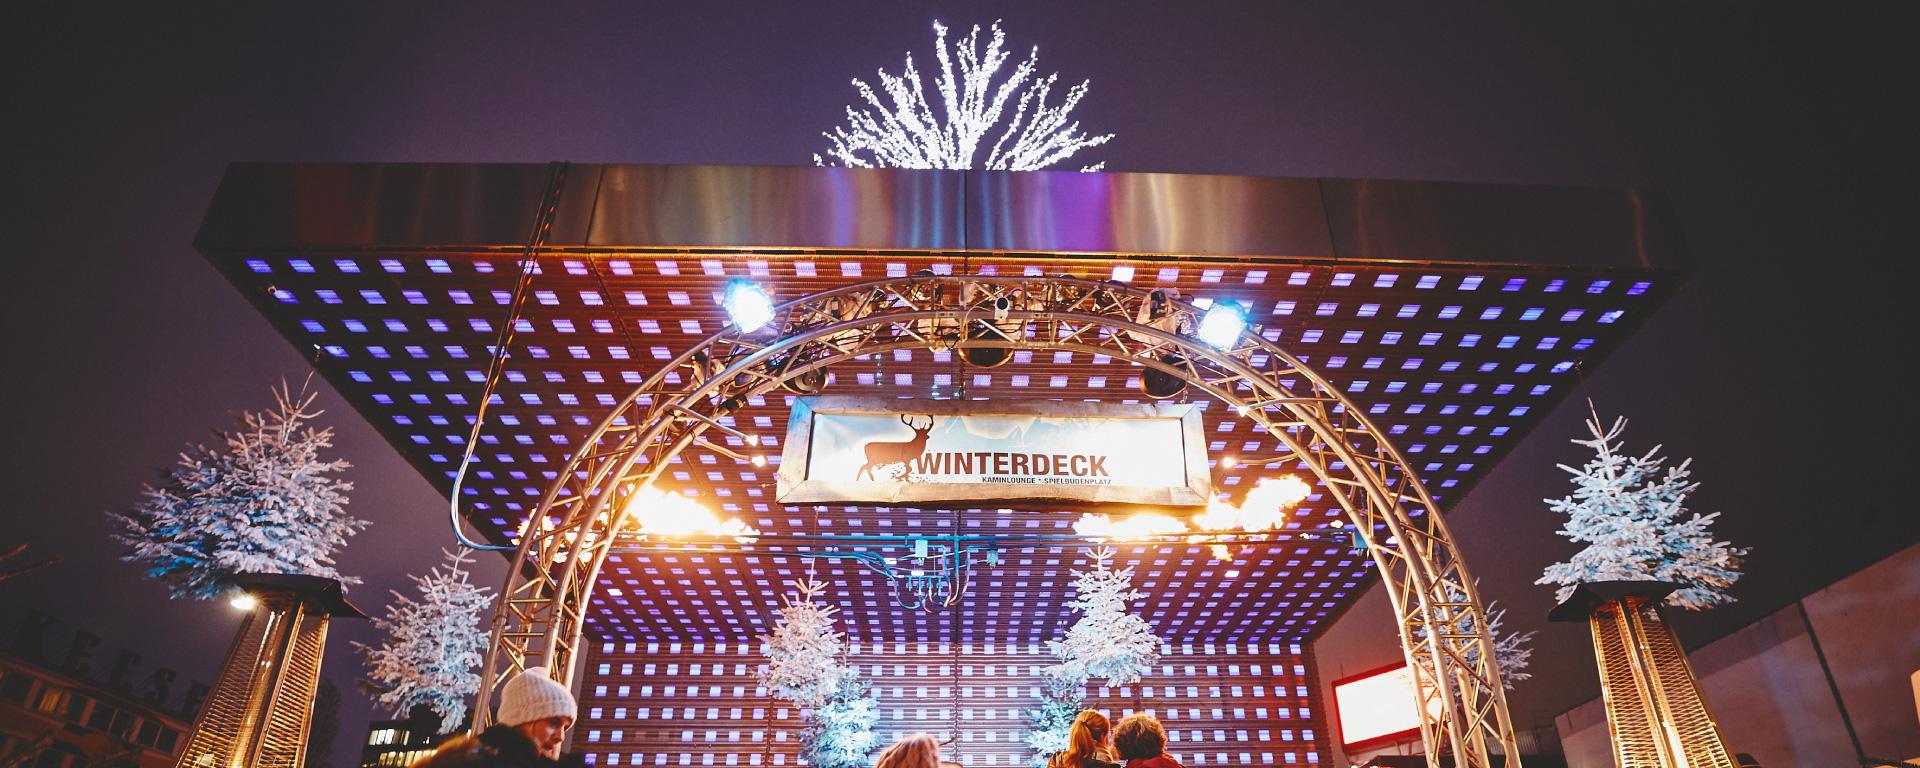 Winterdeck